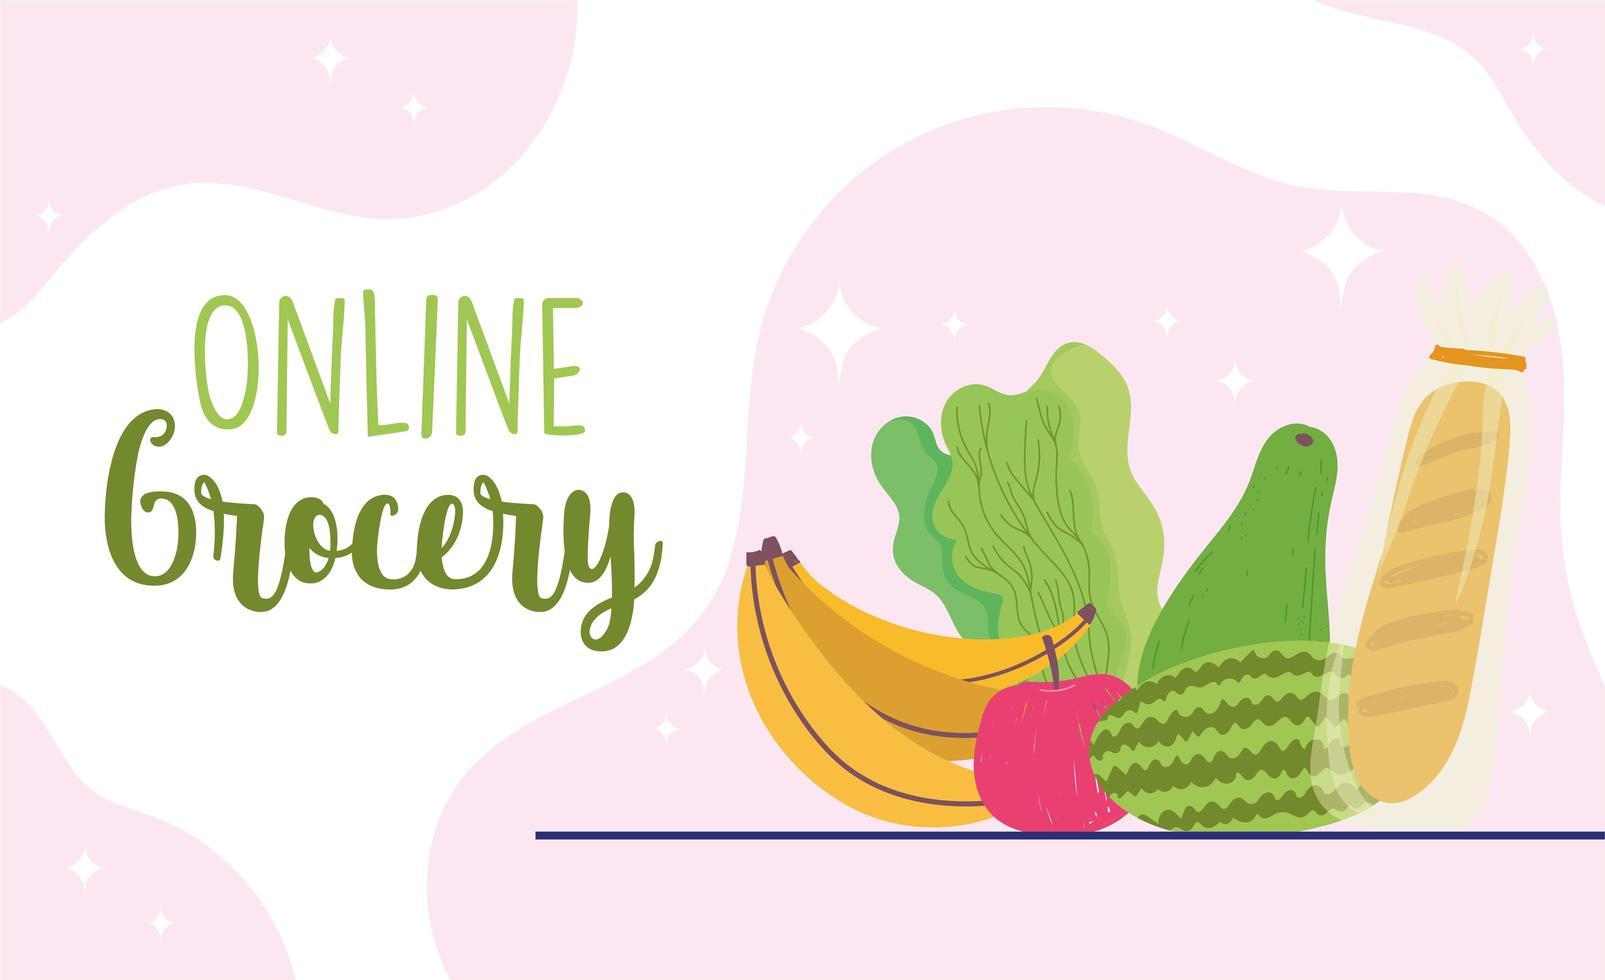 mercato online. consegna a domicilio negozio di alimentari vettore